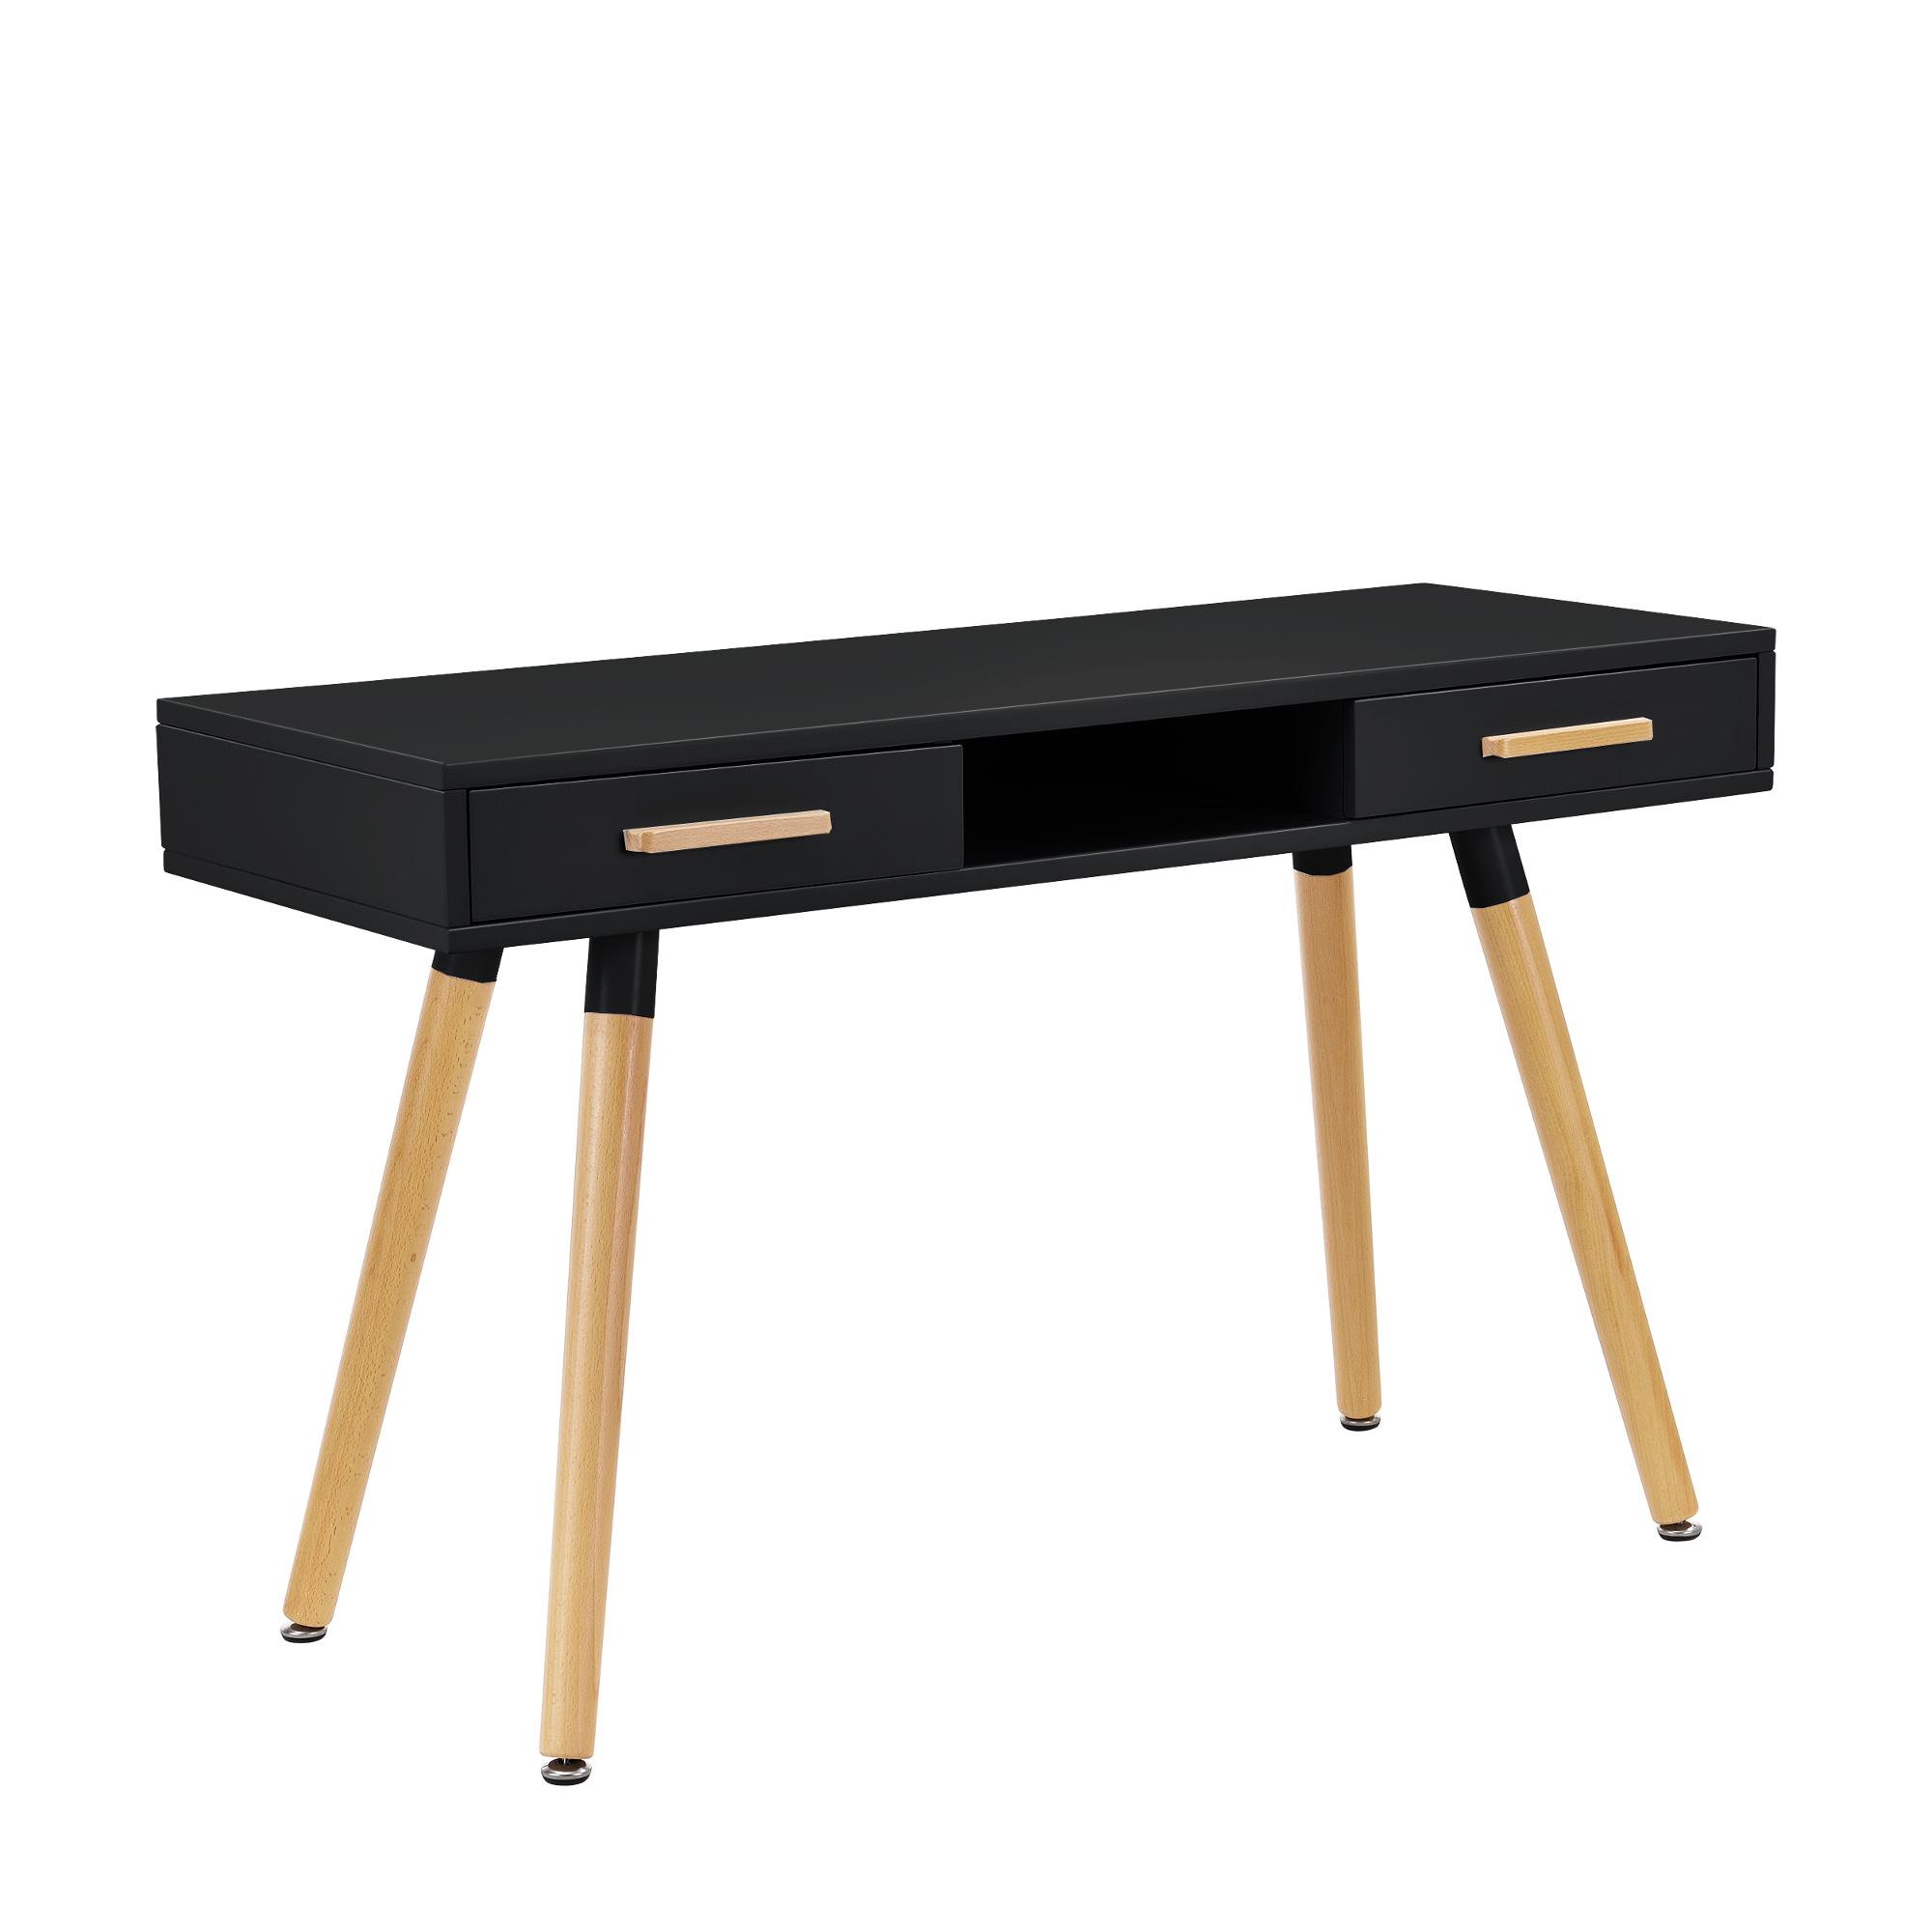 Schreibtisch computertisch b ro tisch konsole for Echtholz schreibtisch